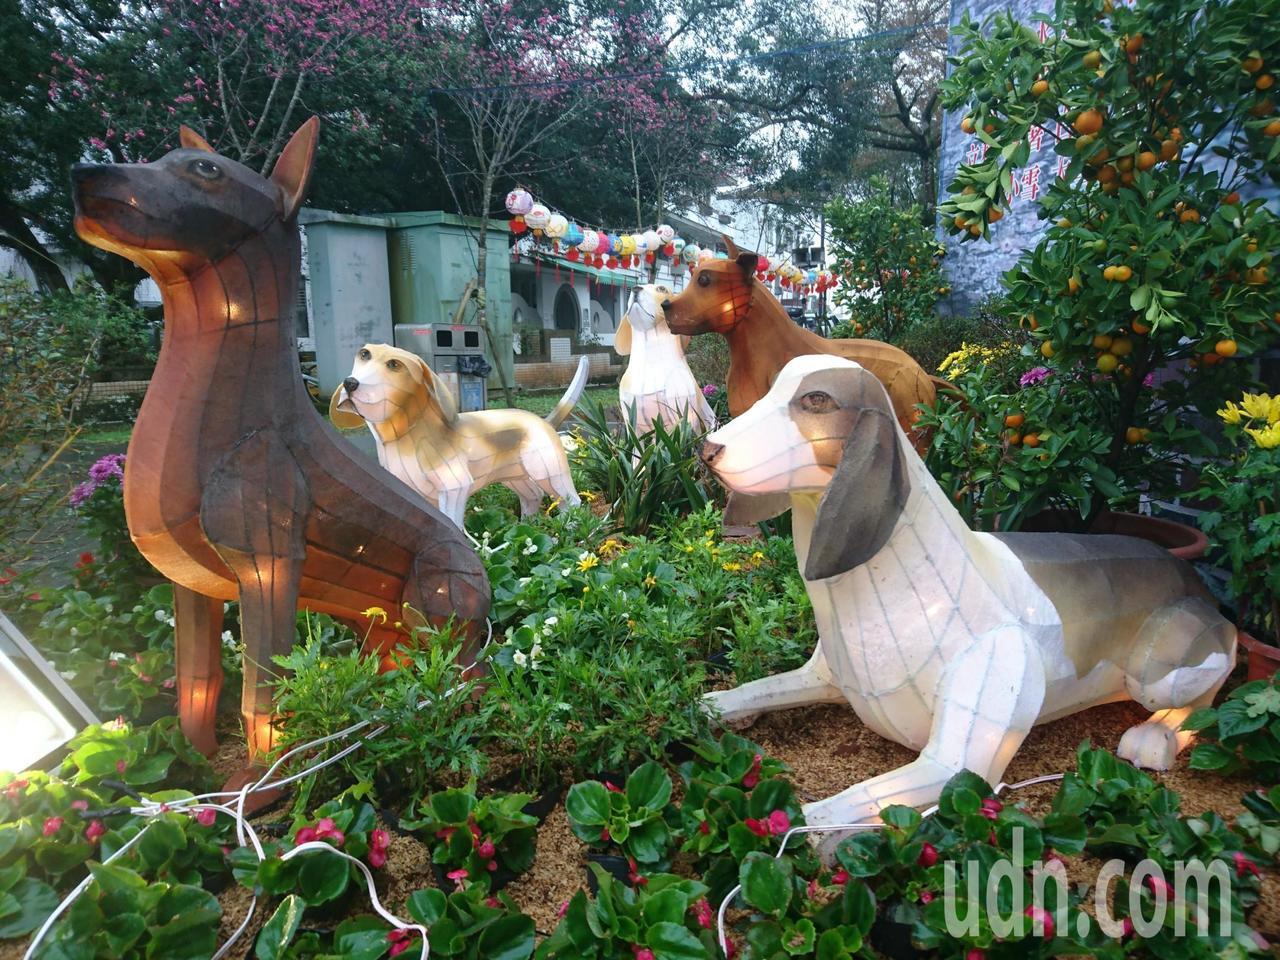 睽違3年的宜蘭縣員山燈會明晚7點點燈,為期7天,燈飾工藝巧,不僅晚上美,白天都令...